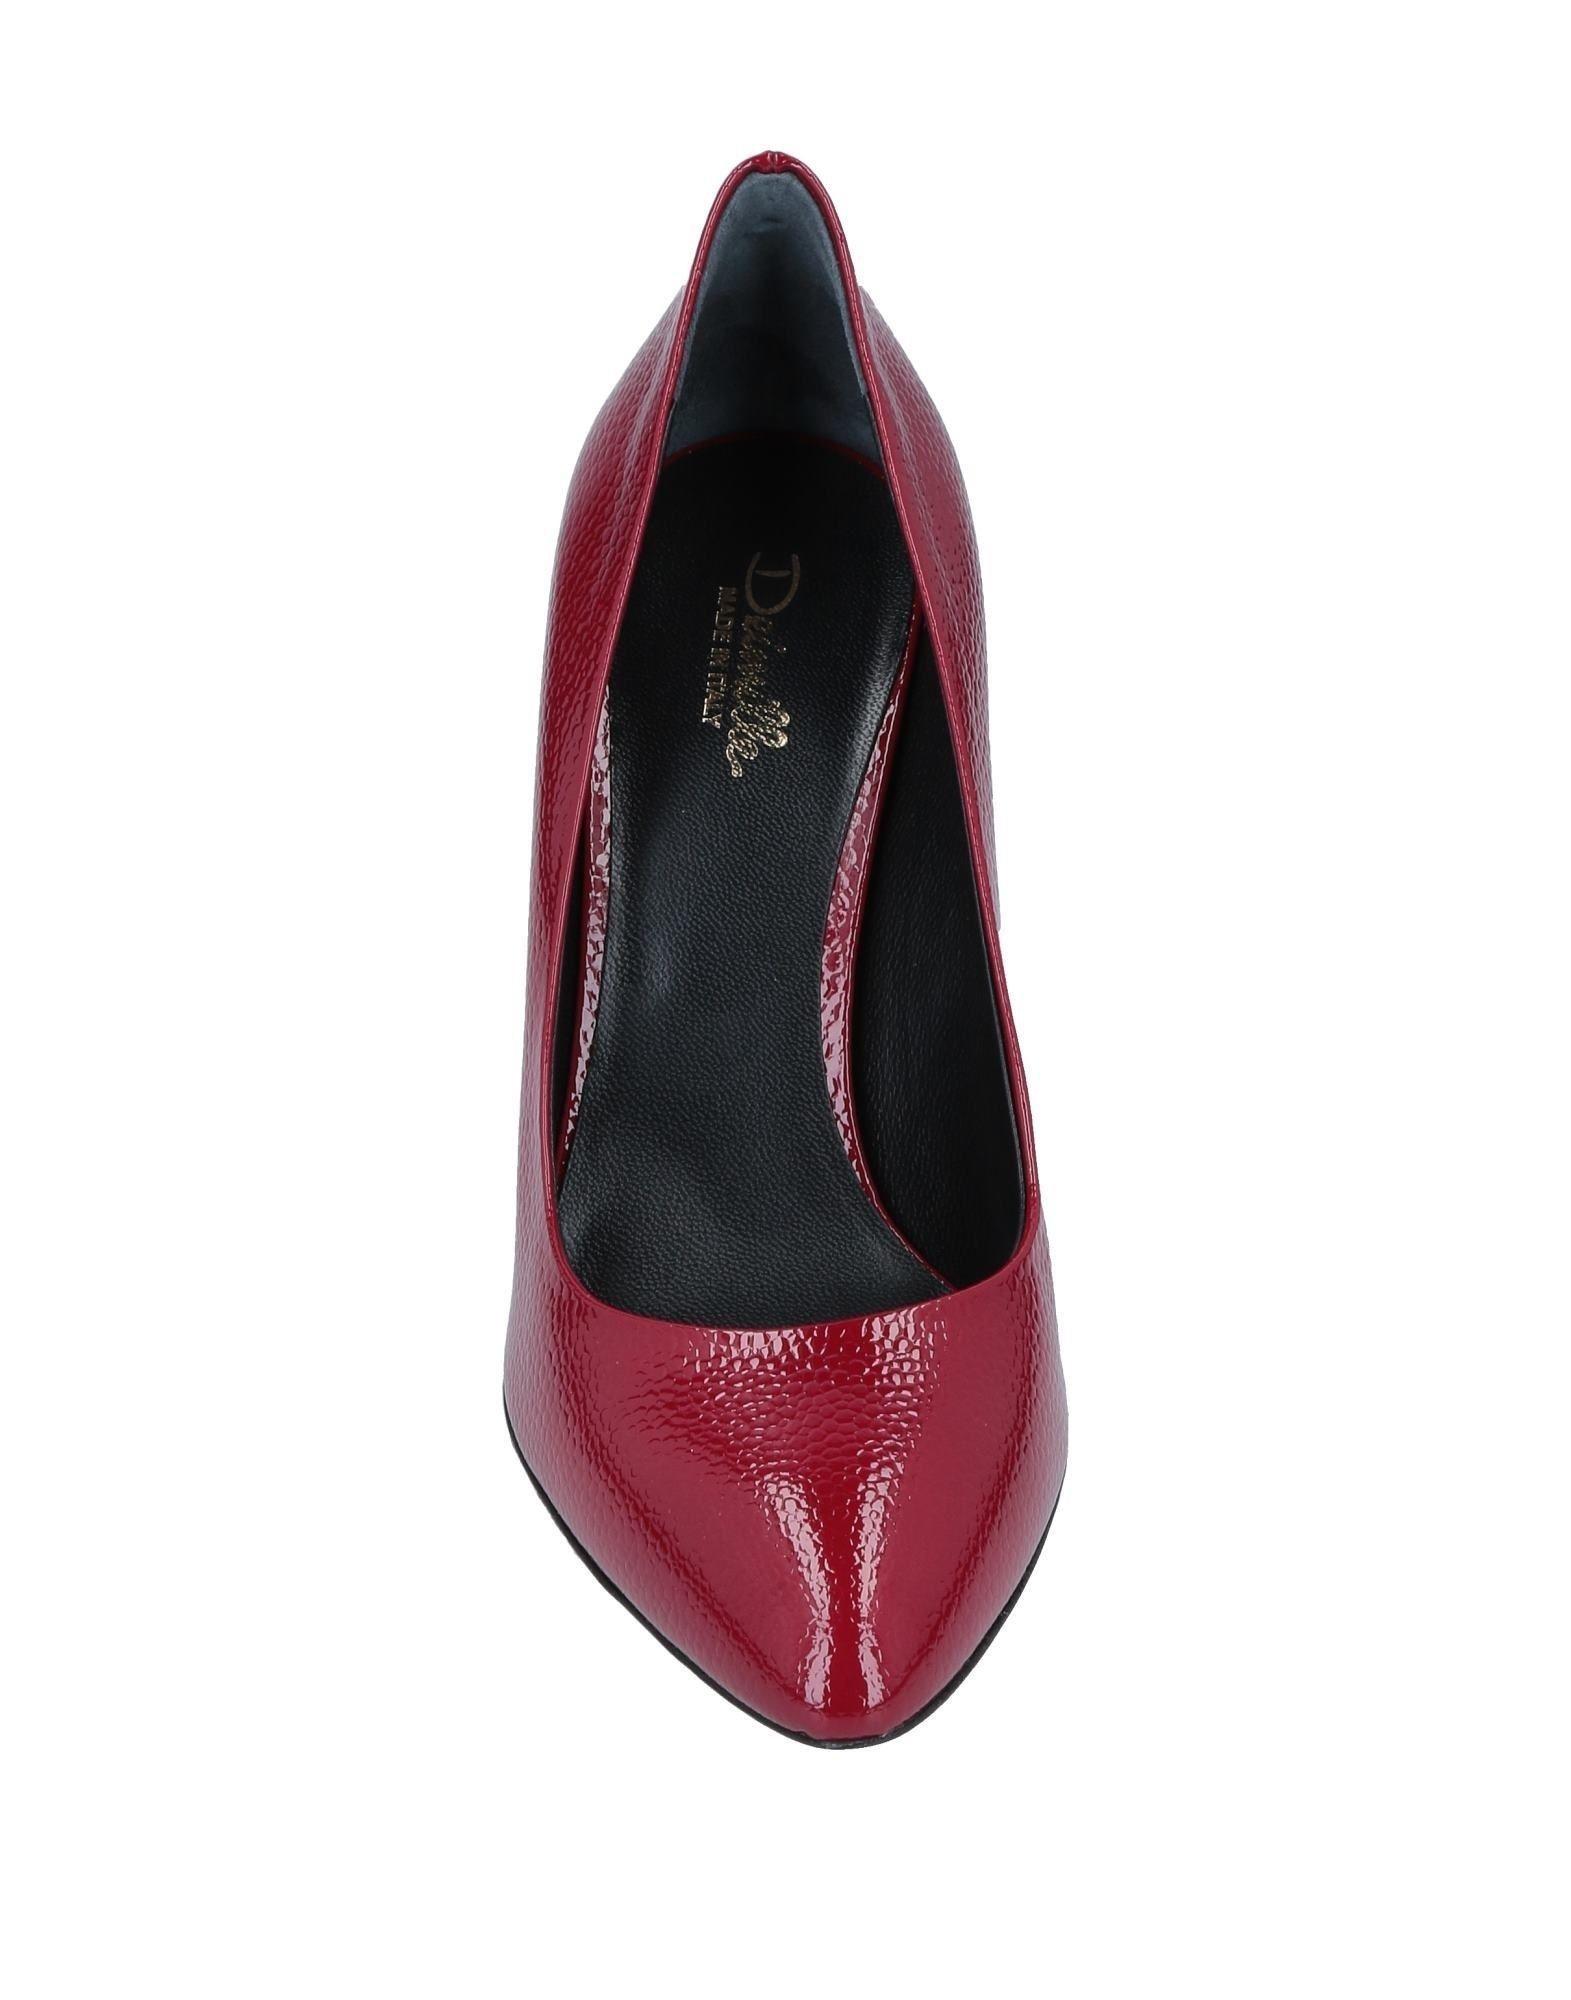 Zapatos de salón Deimille de Cuero de color Rojo